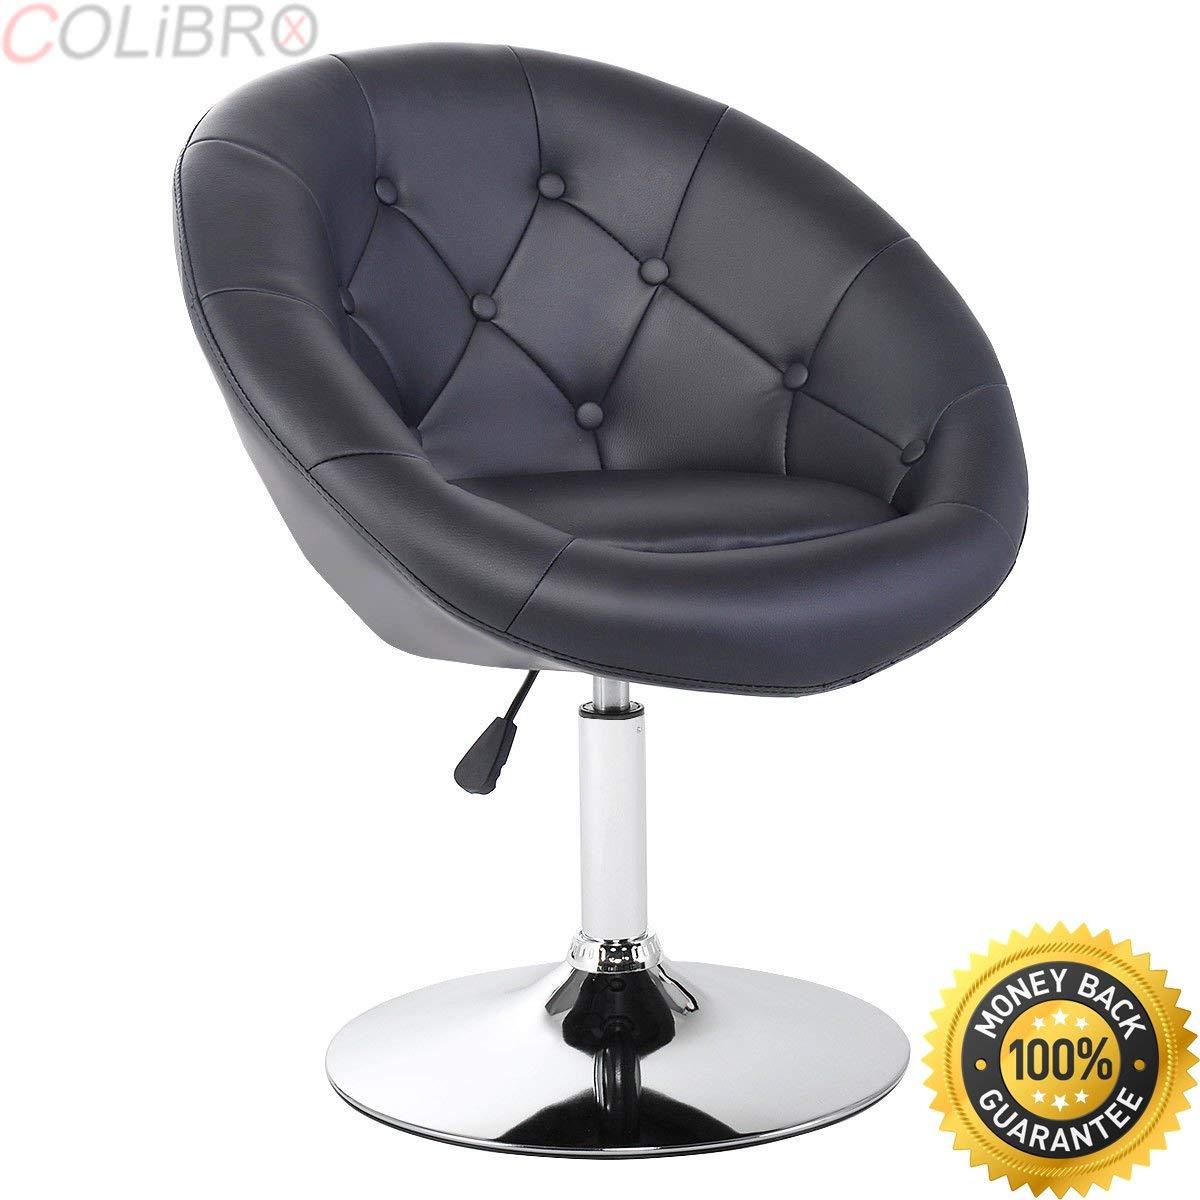 Peachy Cheap Swivel Chairs Modern Find Swivel Chairs Modern Deals Machost Co Dining Chair Design Ideas Machostcouk